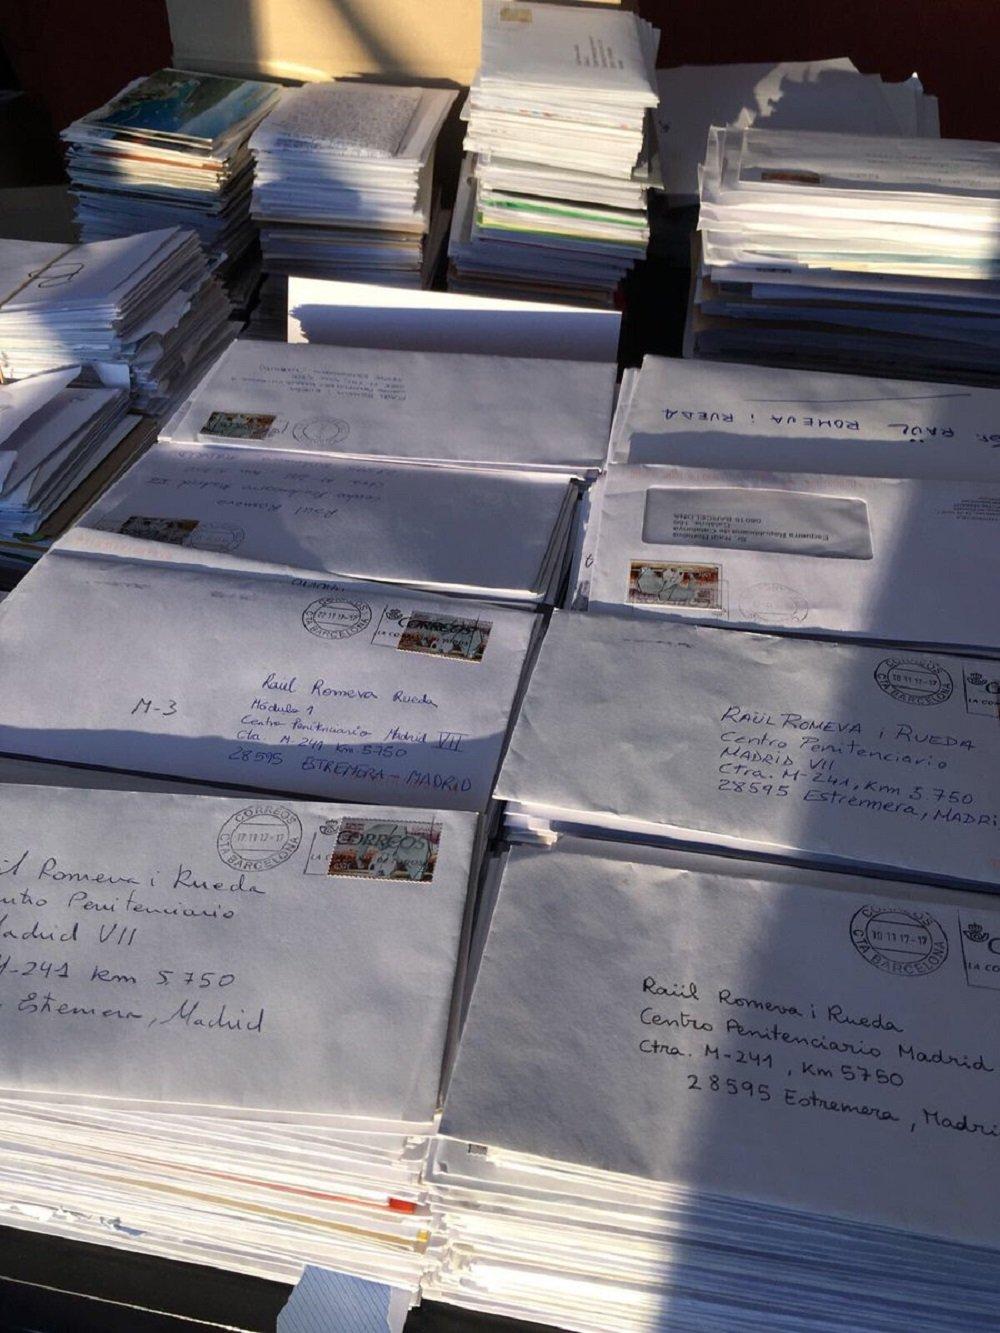 cartes romeva presó - @raulromeva